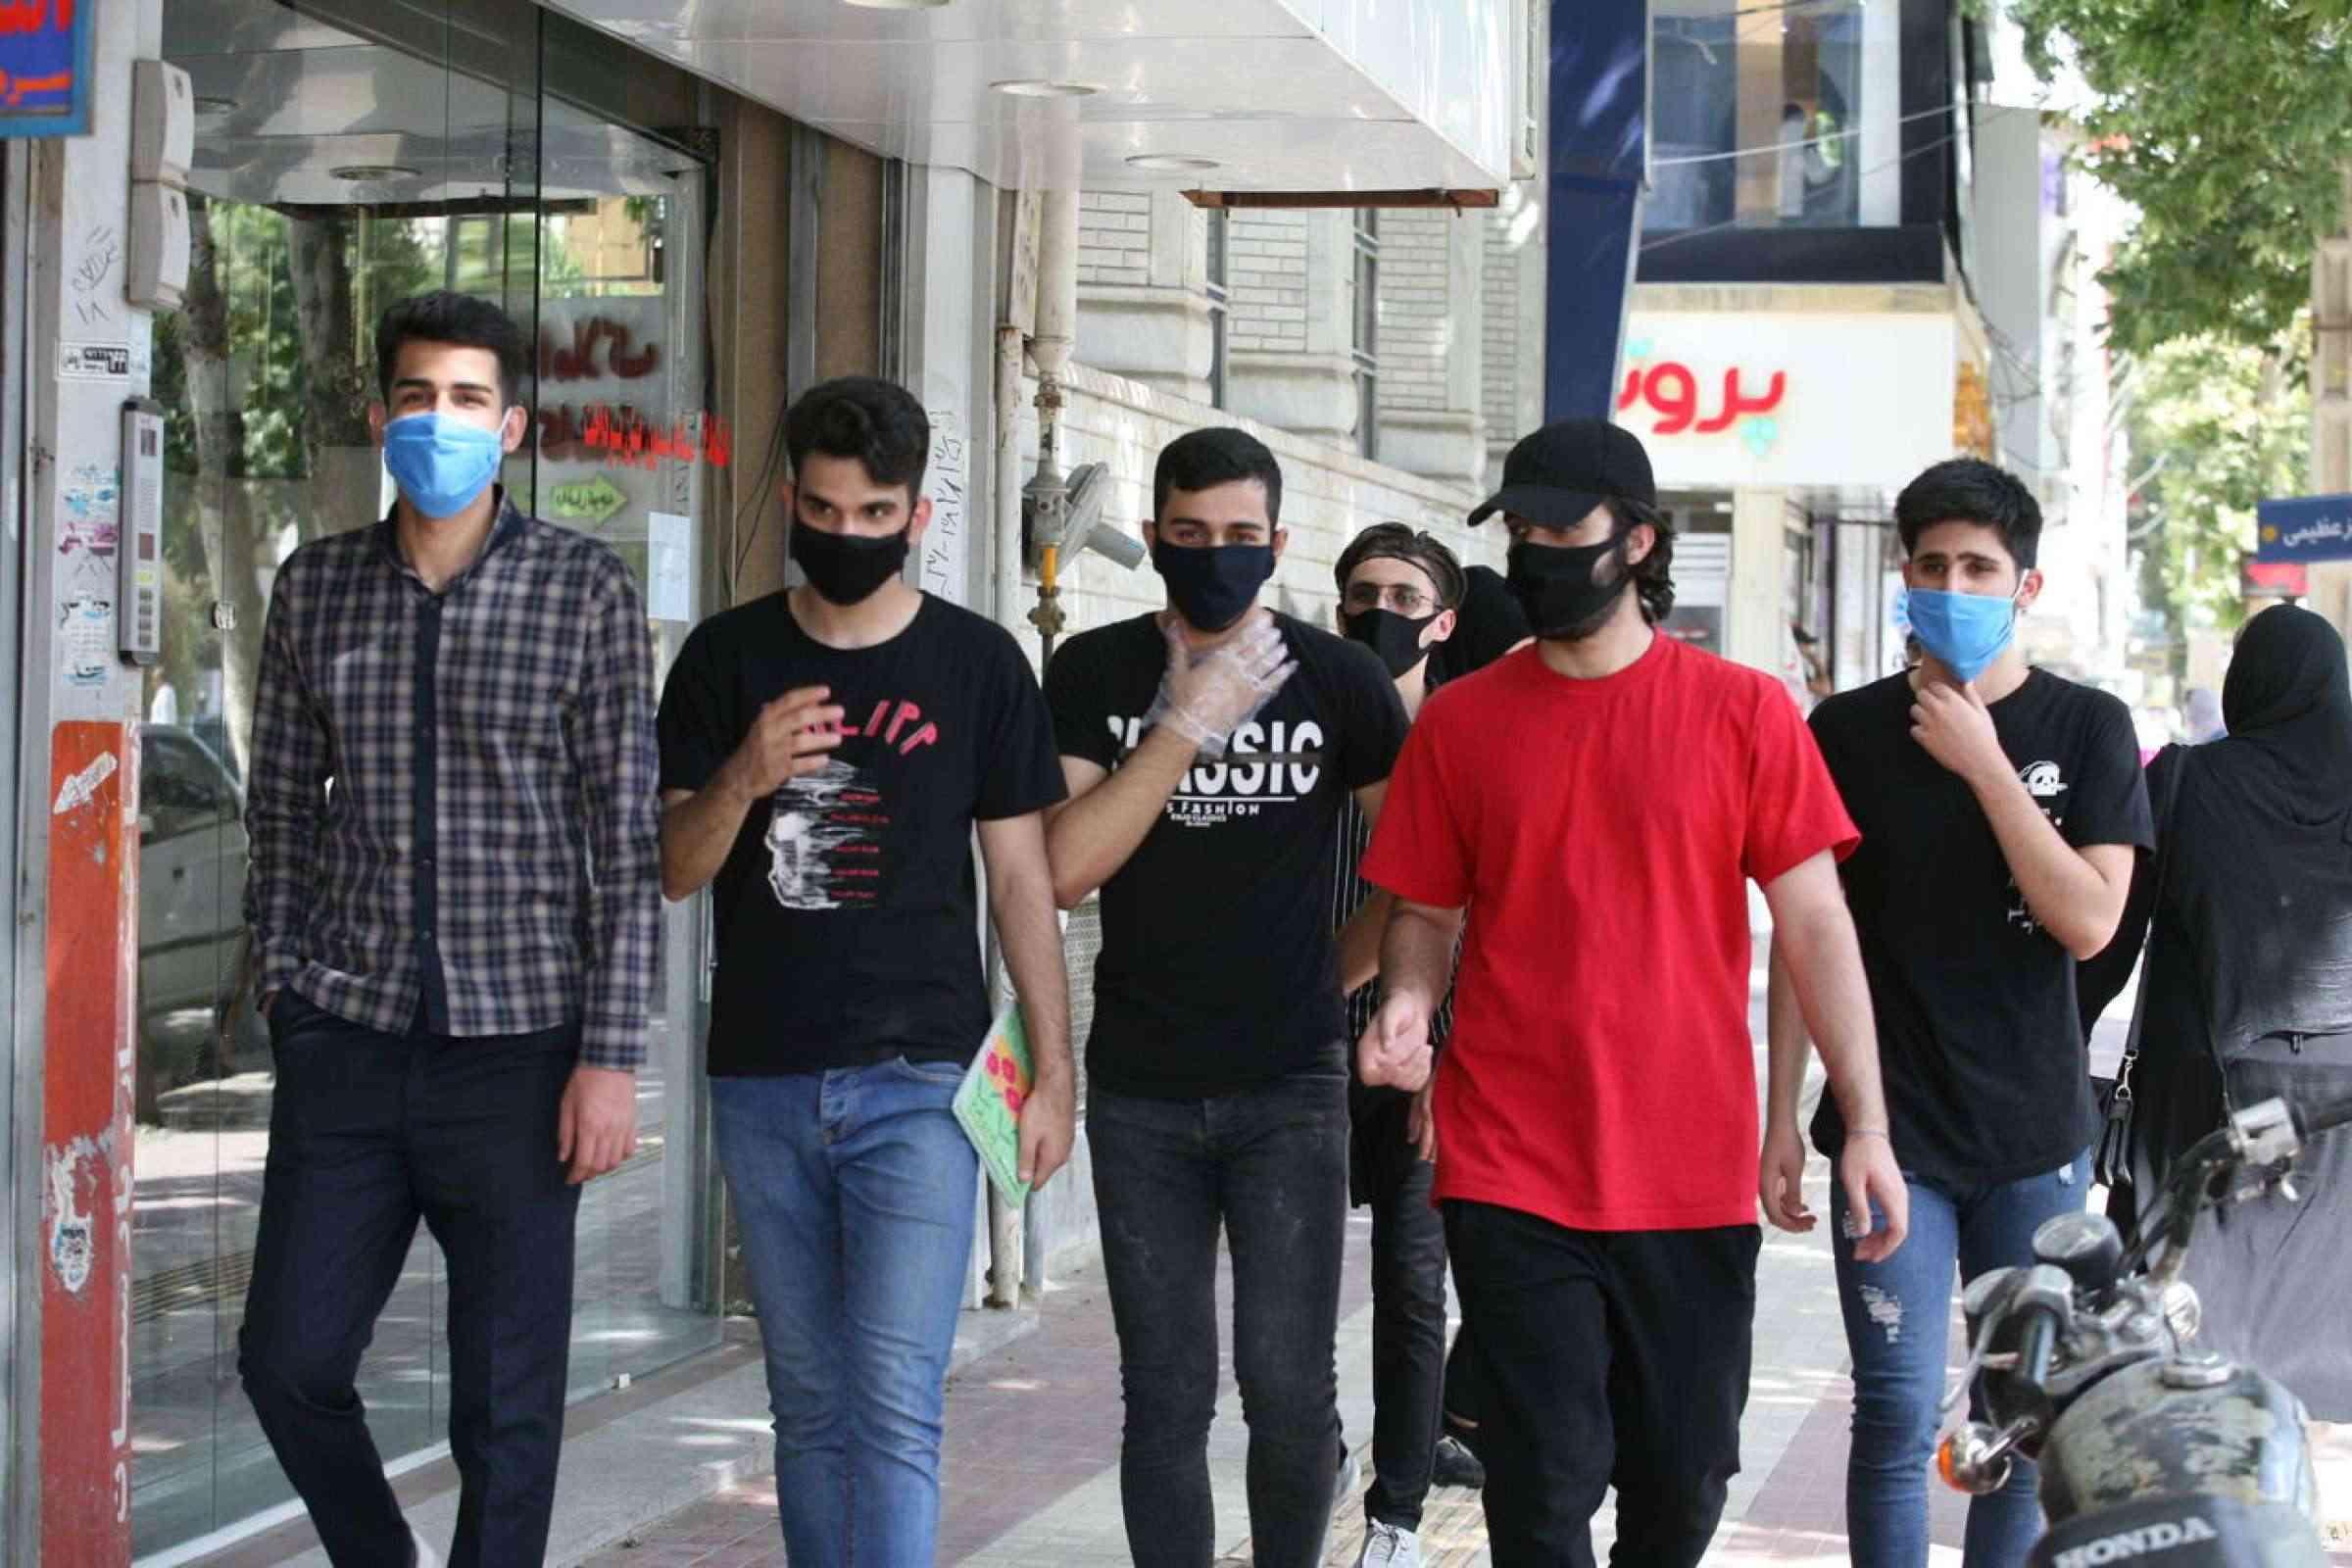 کرونا در ایران  شناسایی ۲۴۵۰ ابتلای جدید به کرونا/ تعدادجان باختگان به ۱۸هزار و ۱۳۲ نفر رسید